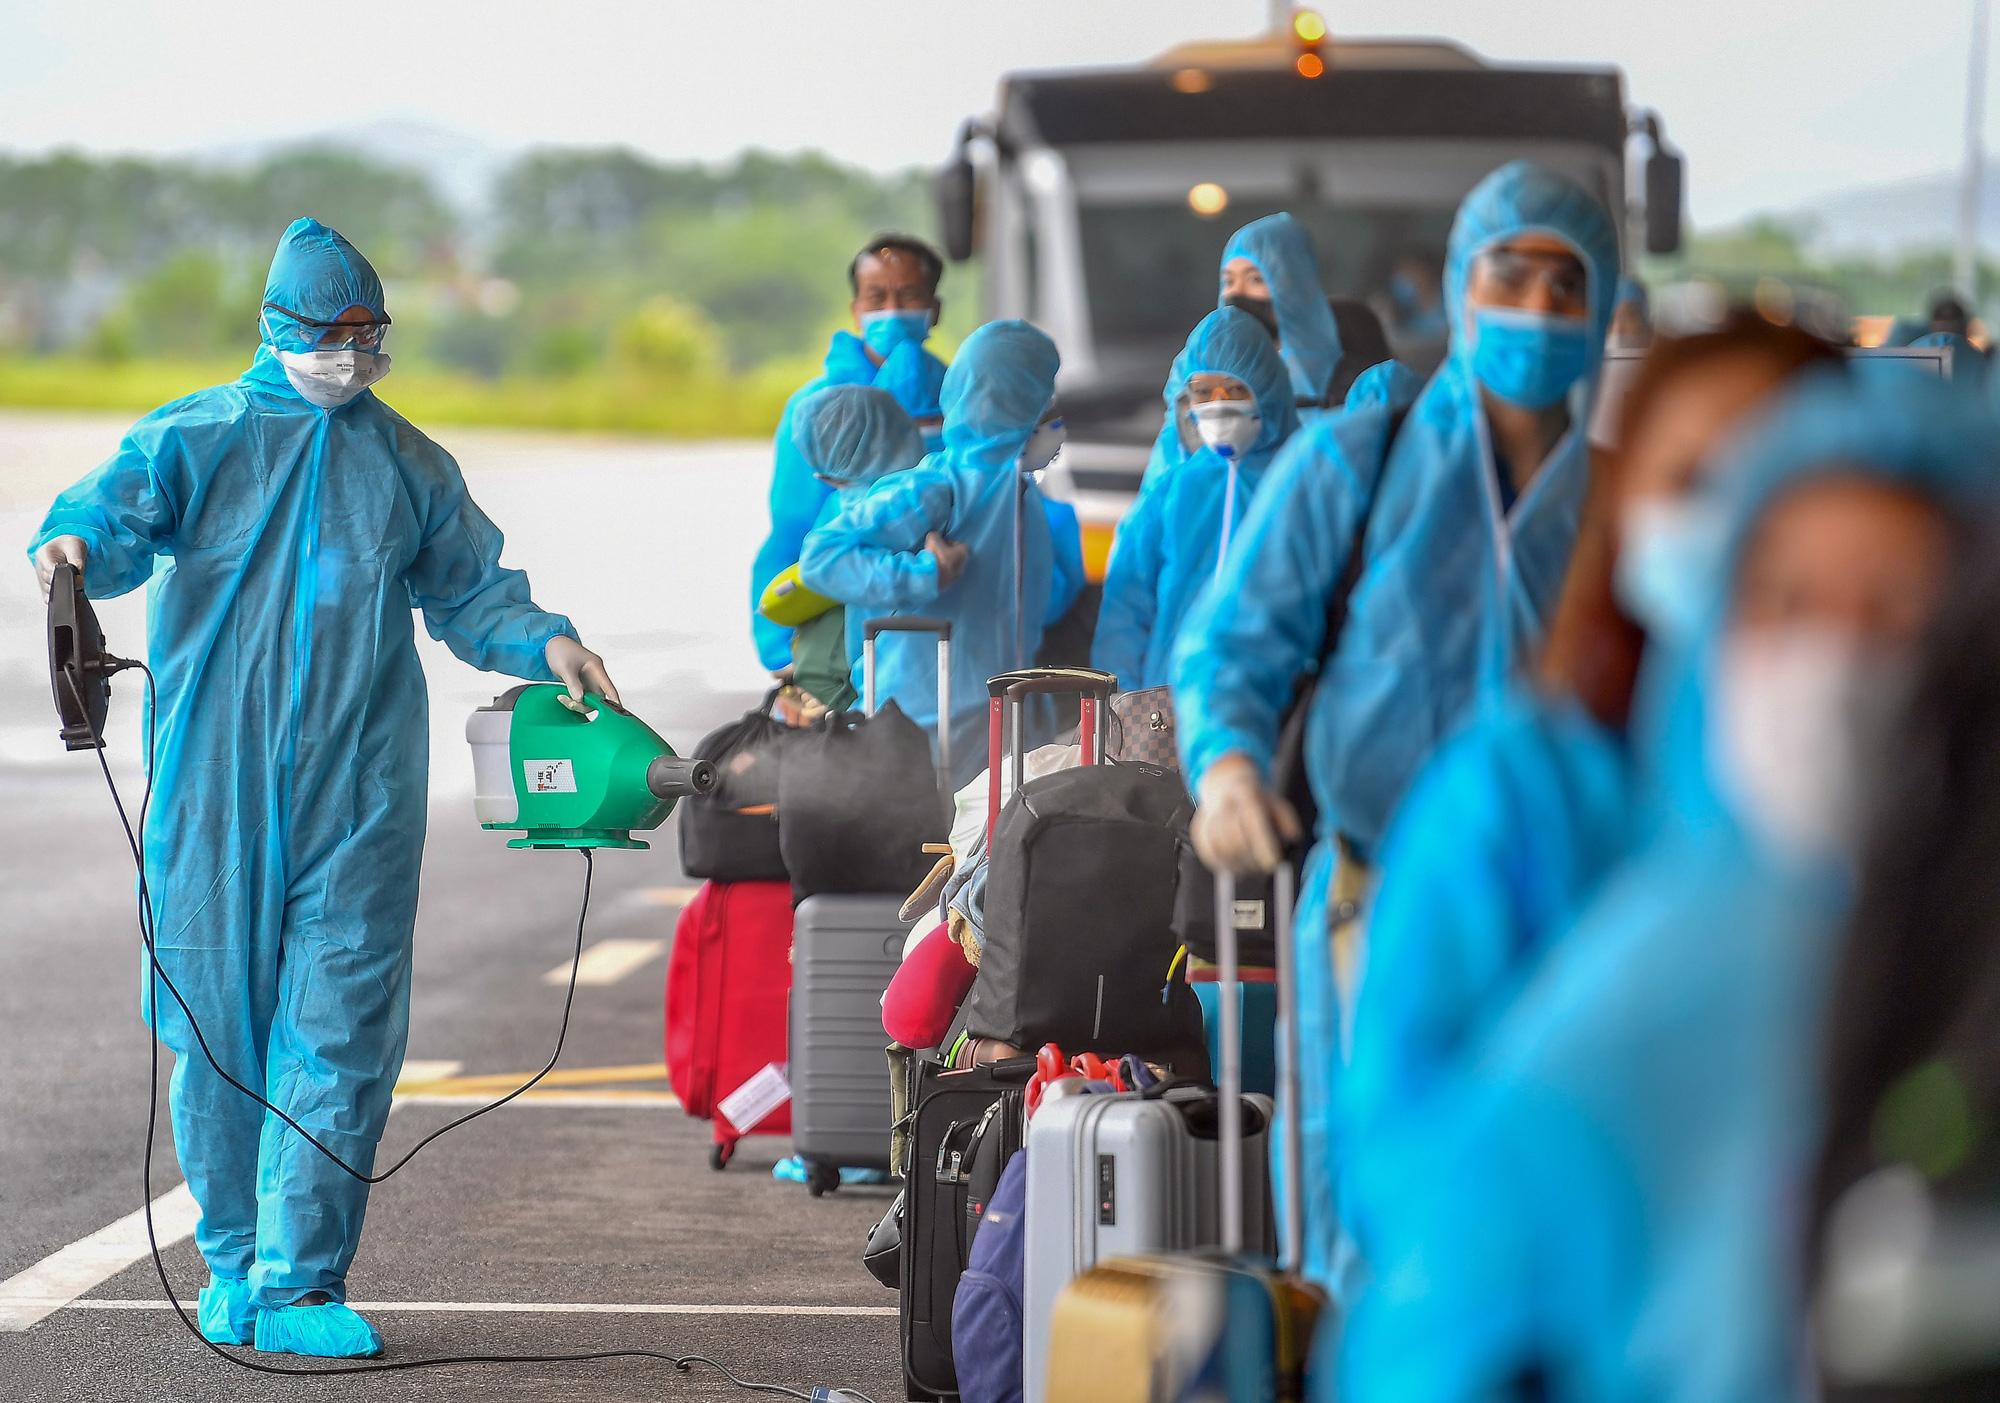 Sân bay Vân Đồn đón 278 công dân Việt Nam từ châu Âu về nước - Ảnh 2.